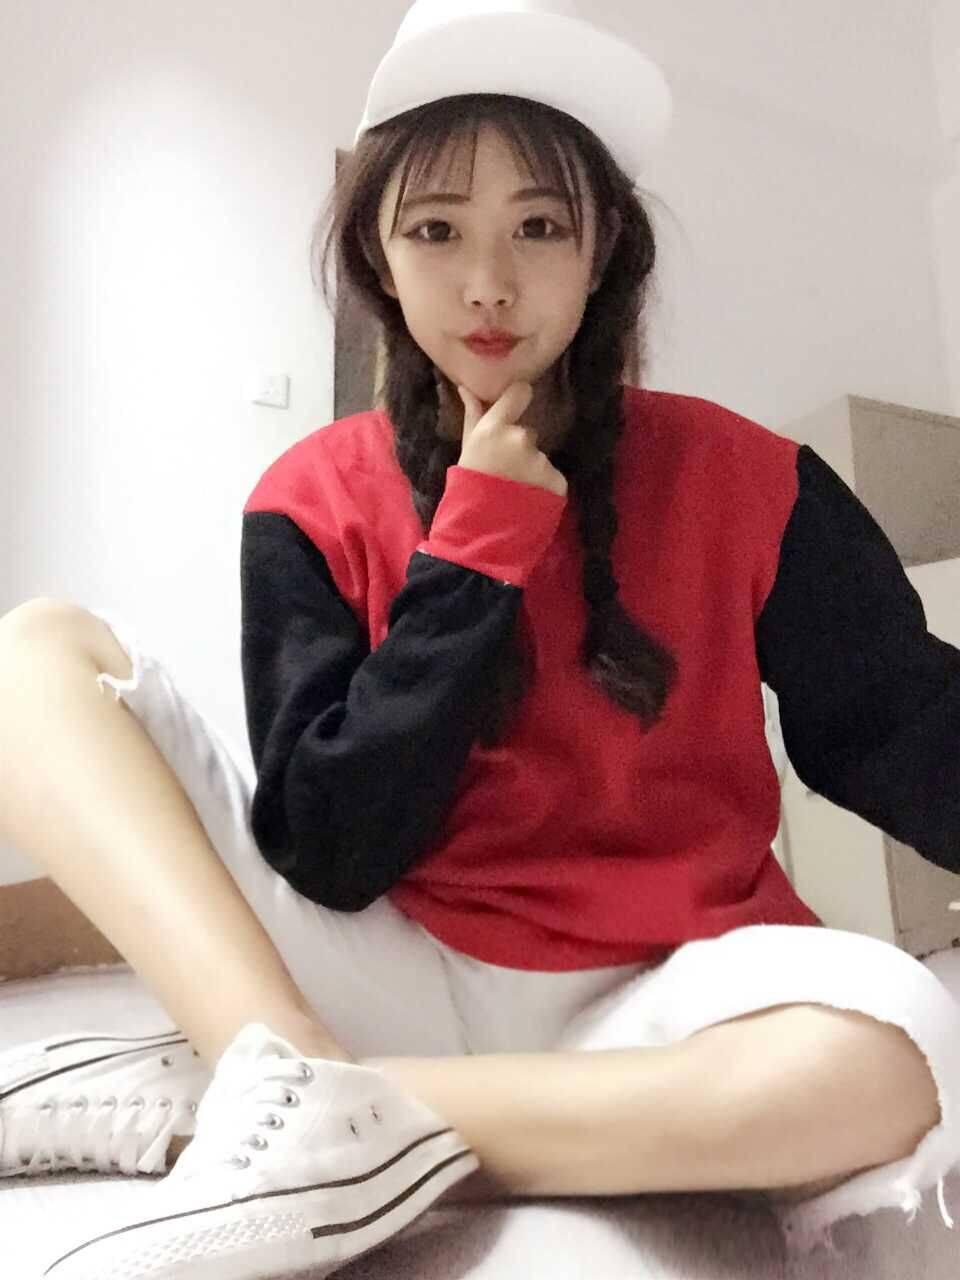 เสื้อแฟชั่นสไตล์ฮาราจูกุ แขนยาว บุกันหนาว สีทูโทน เสื้อสีแดงแขนสีดำ